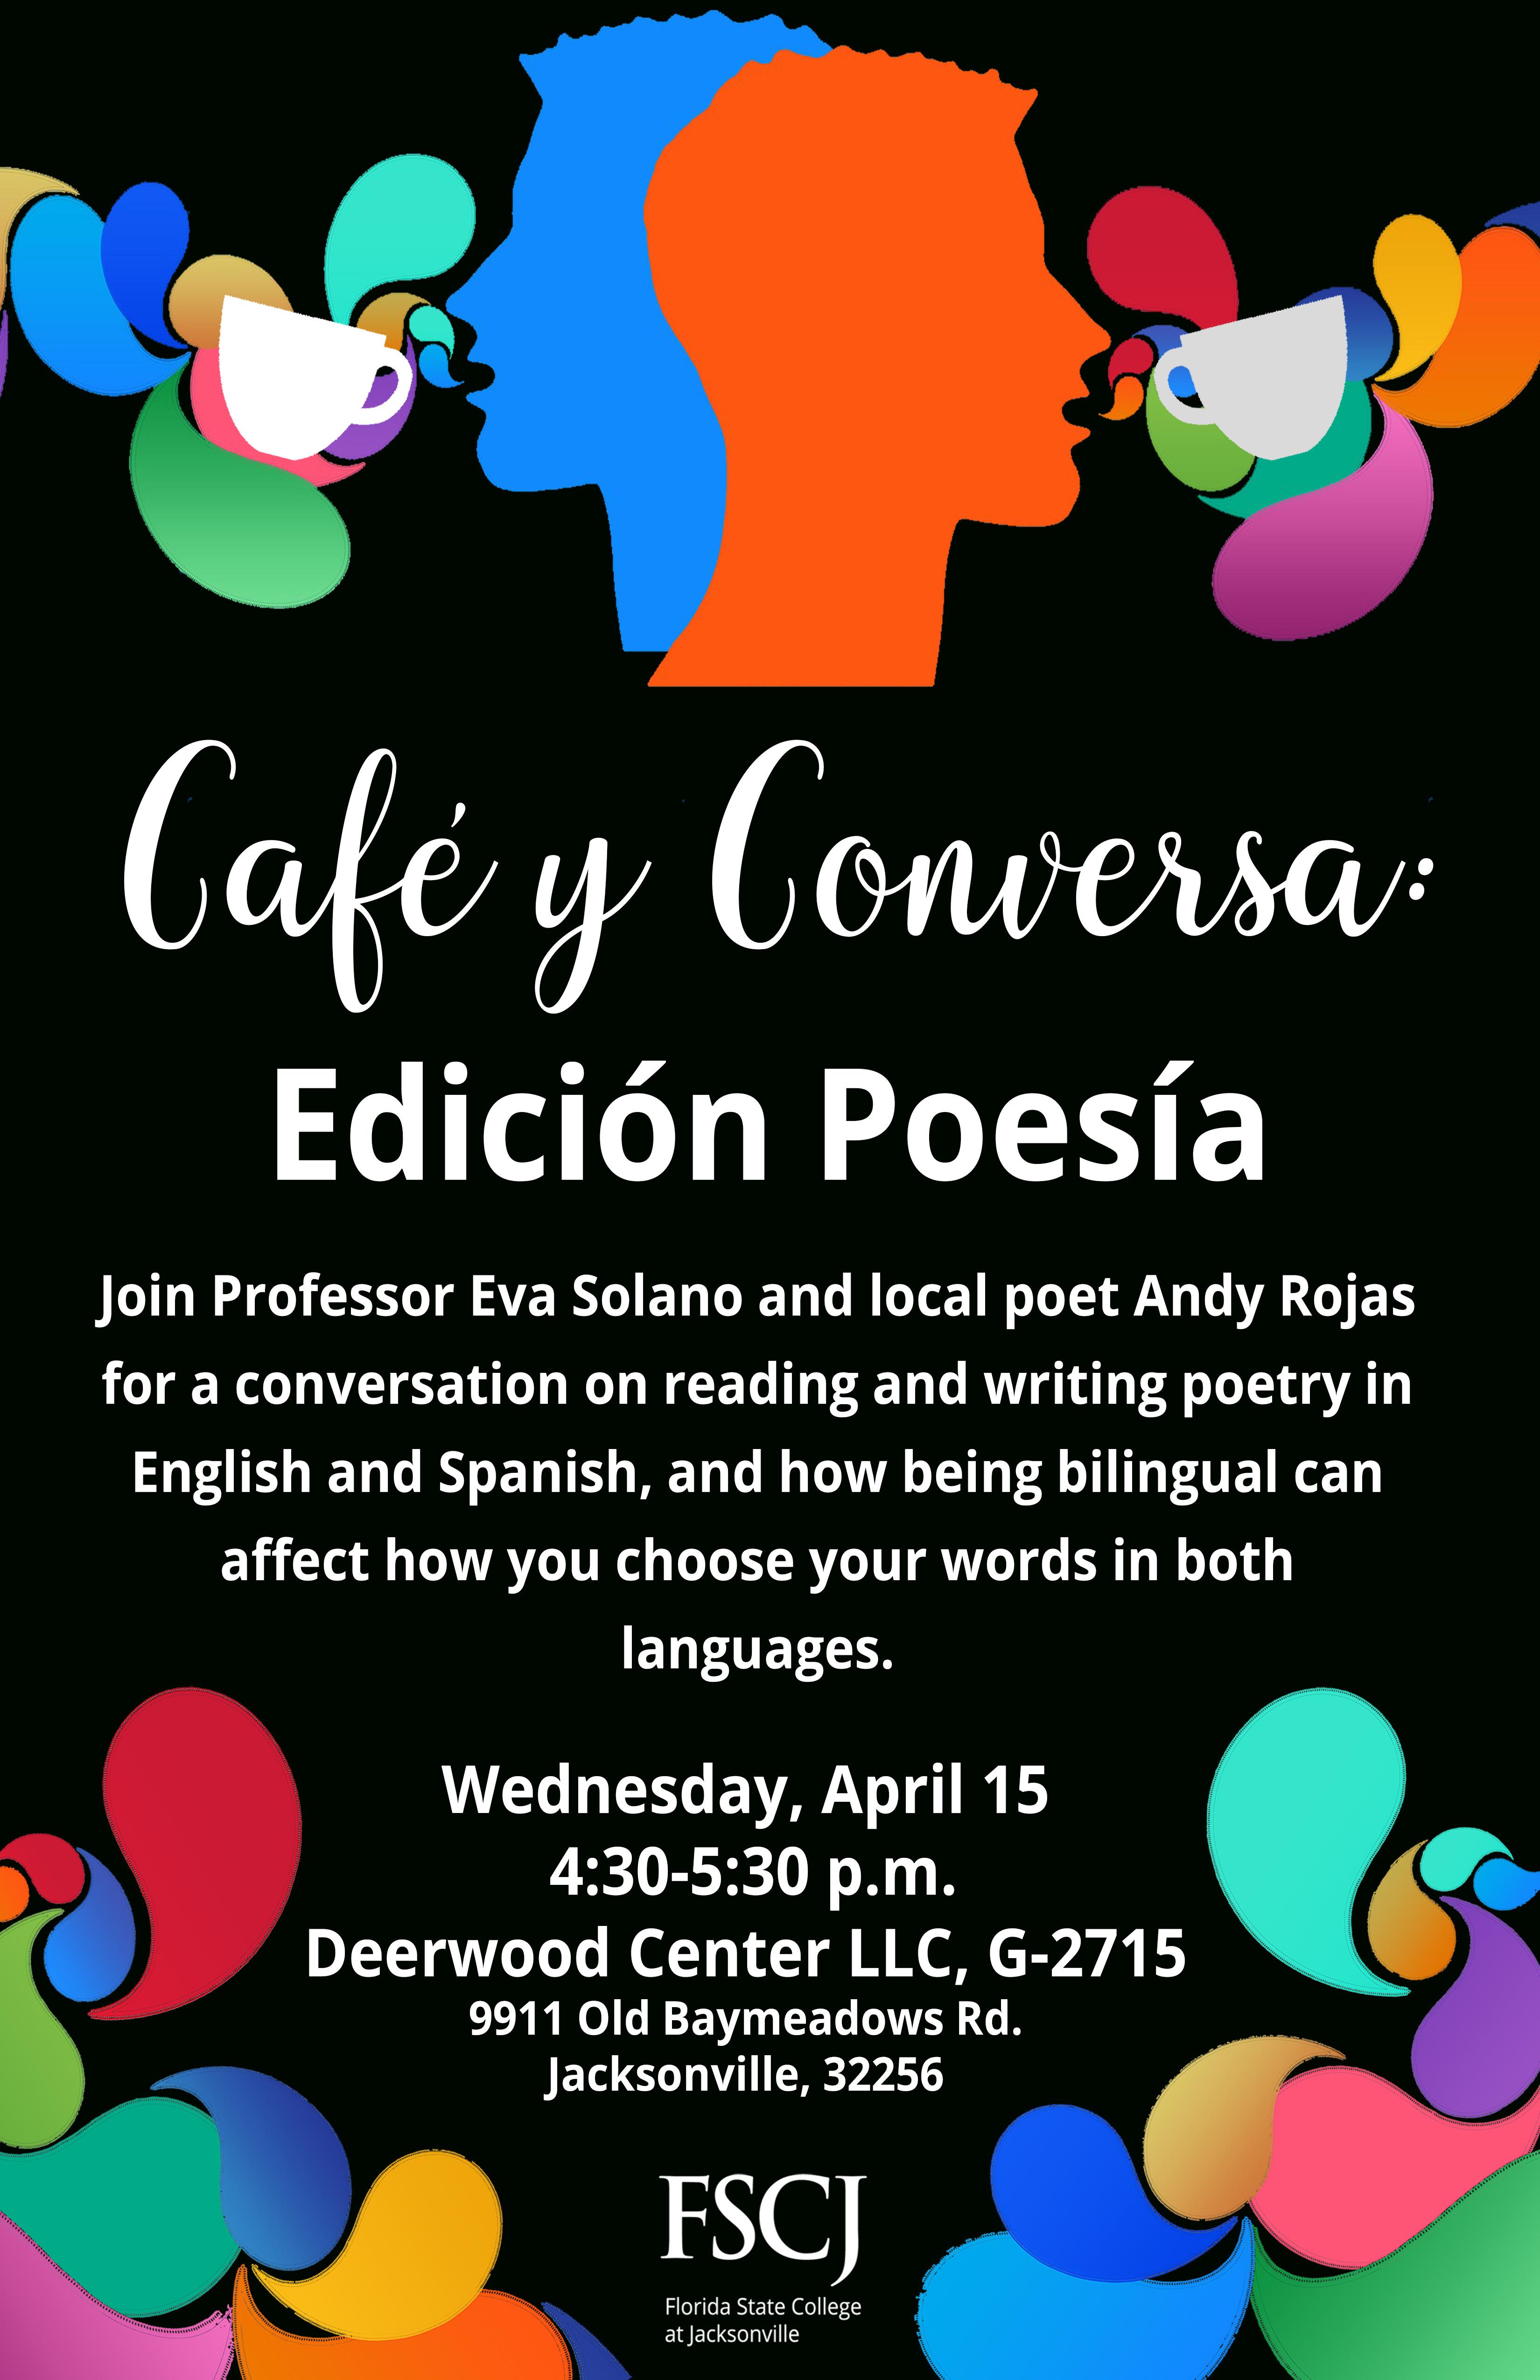 Cafe y Conversa: Edición Poesía